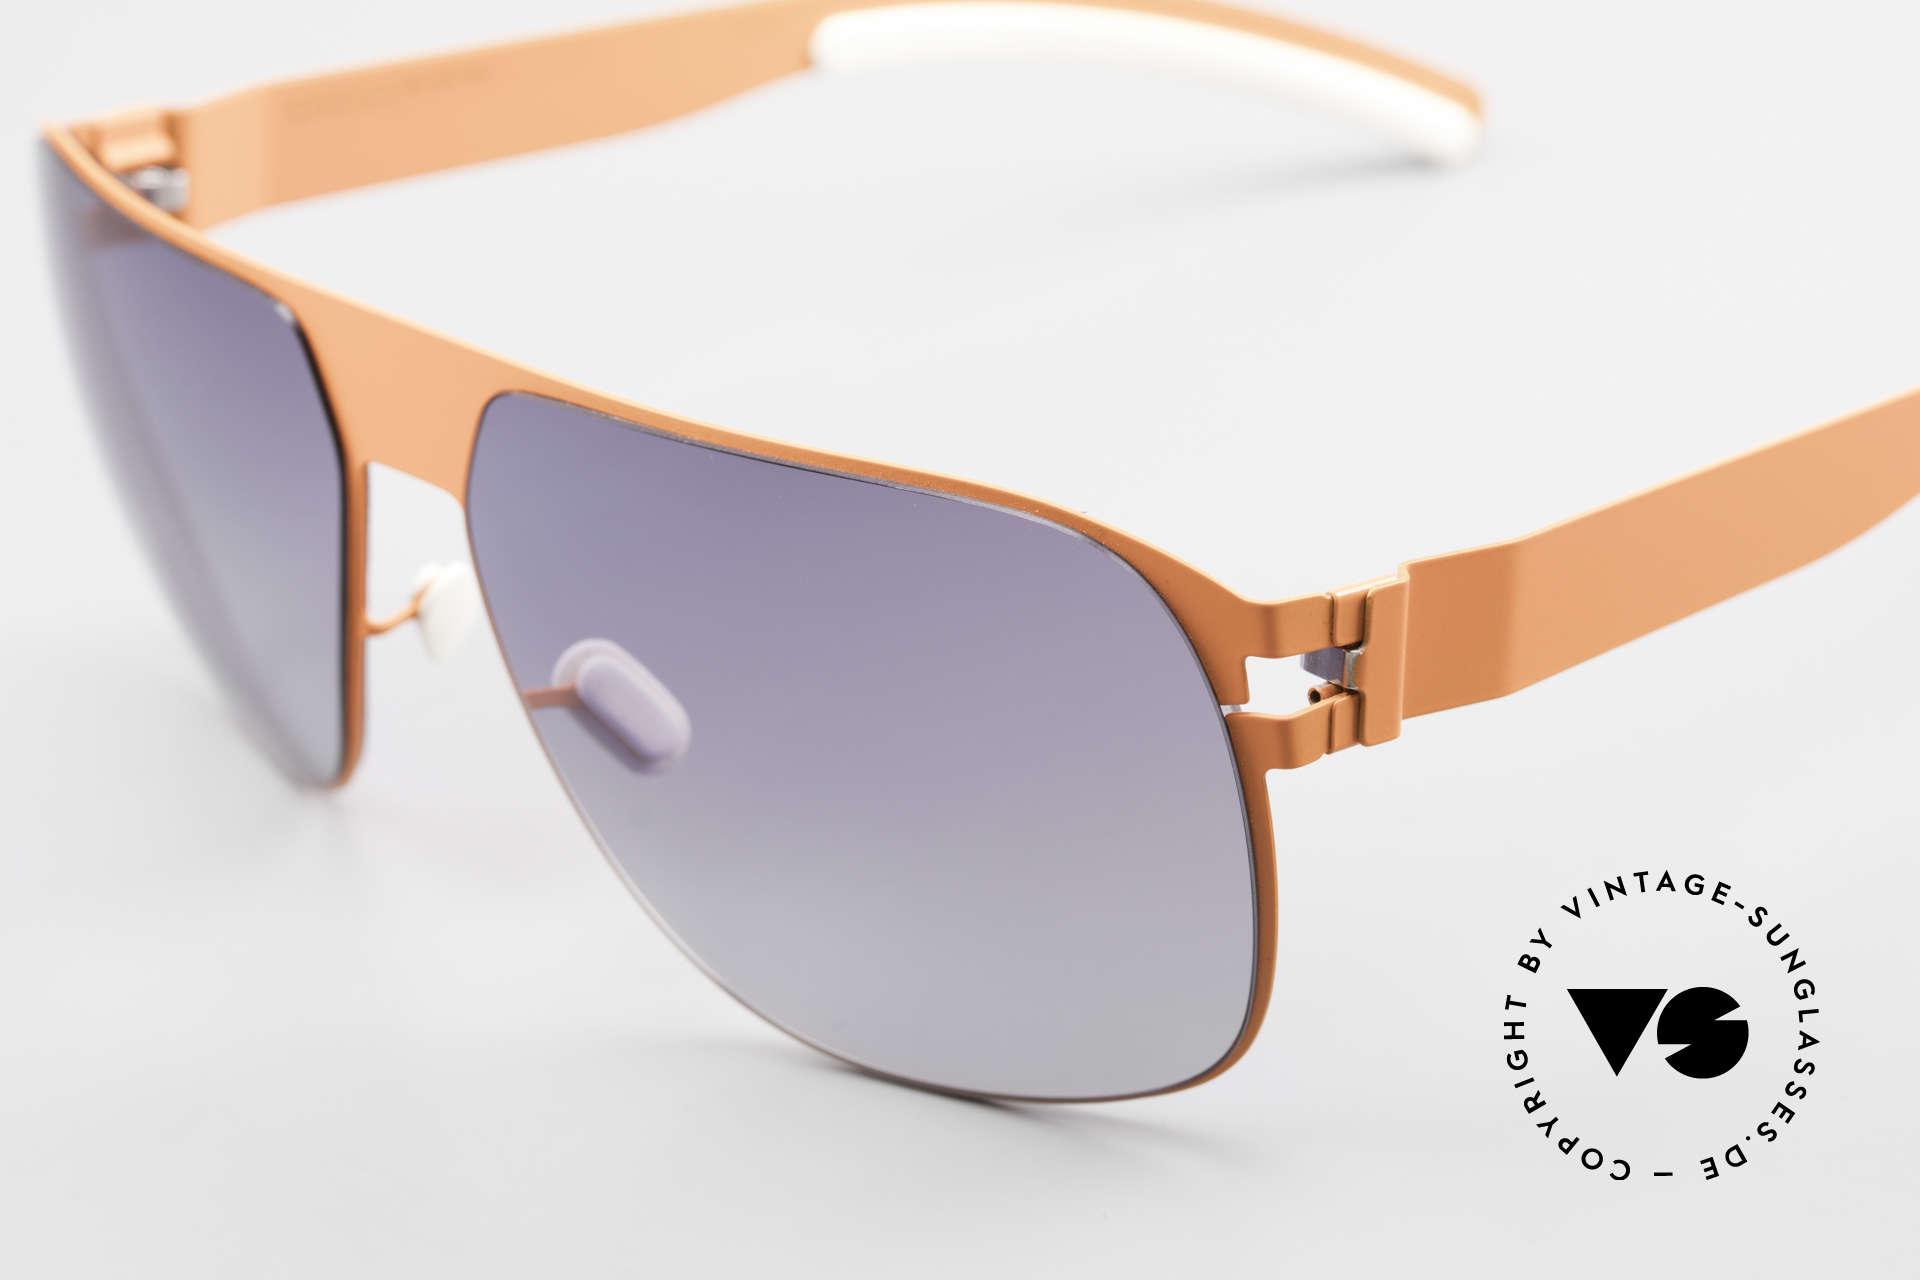 Mykita Tim Collection No 1 Sonnenbrille, getragen von zahlreichen Promis und inzwischen selten, Passend für Herren